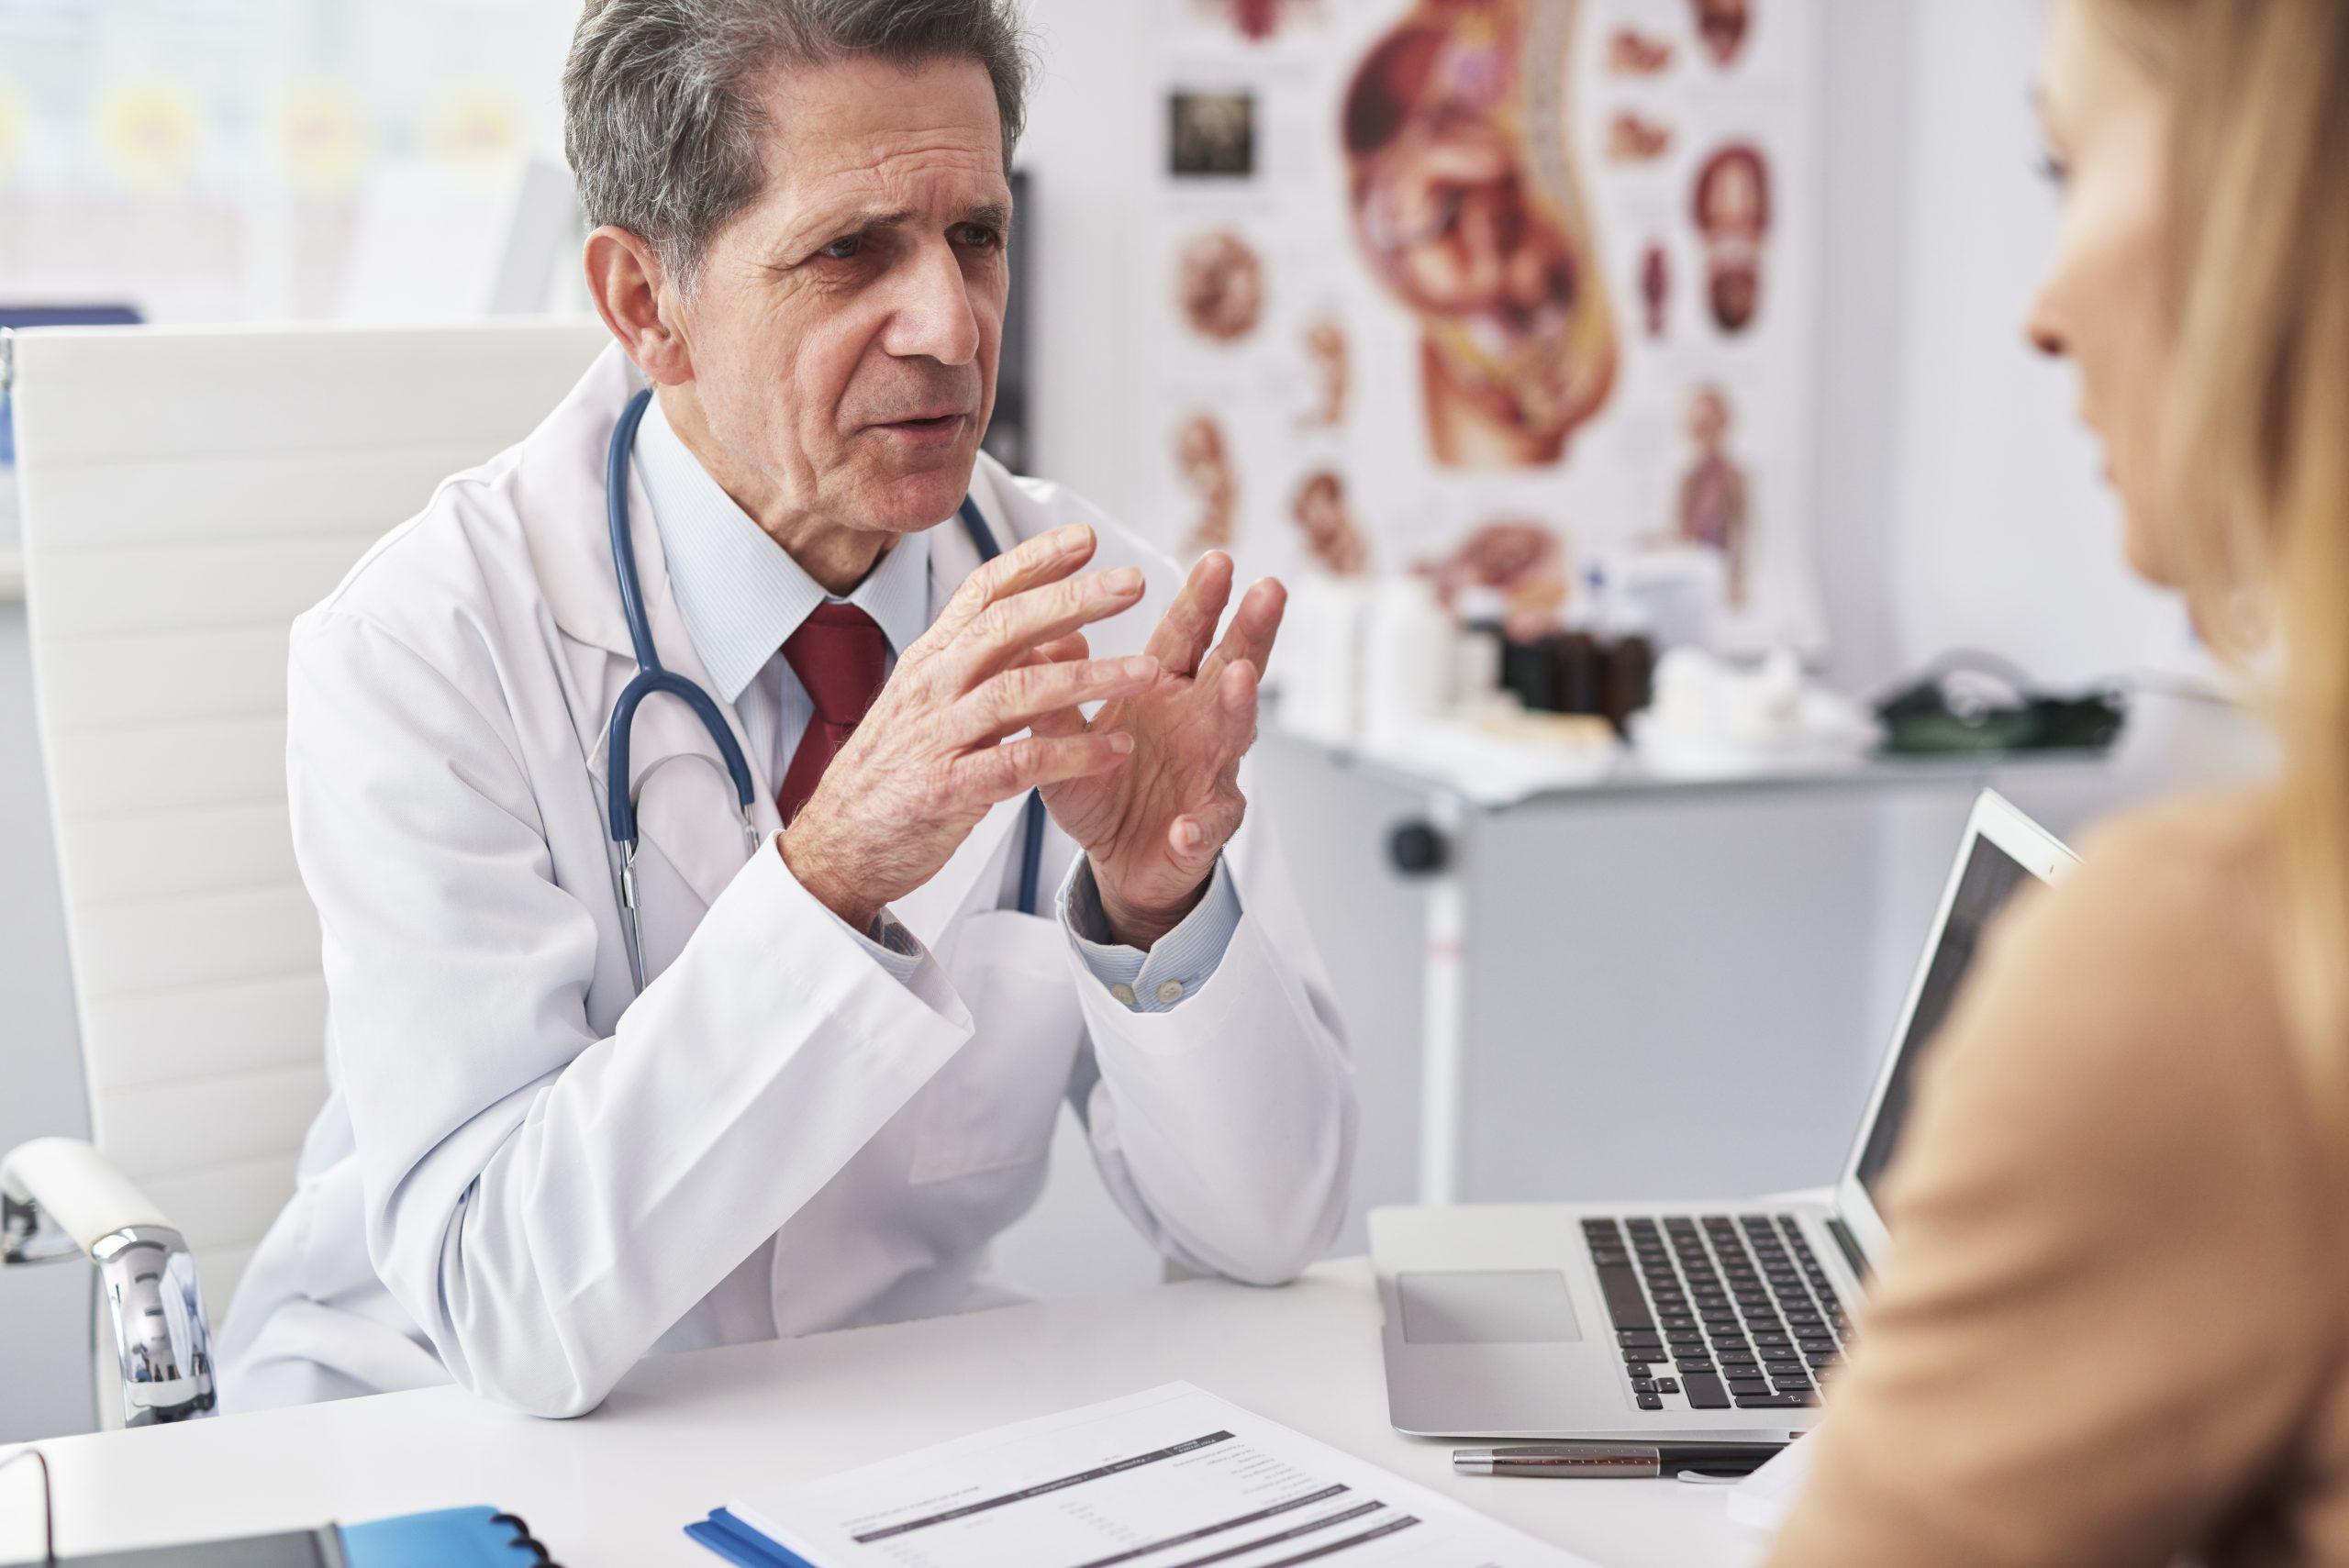 Hasta Hakları ve Hekim Sorumlulukları Üzerine